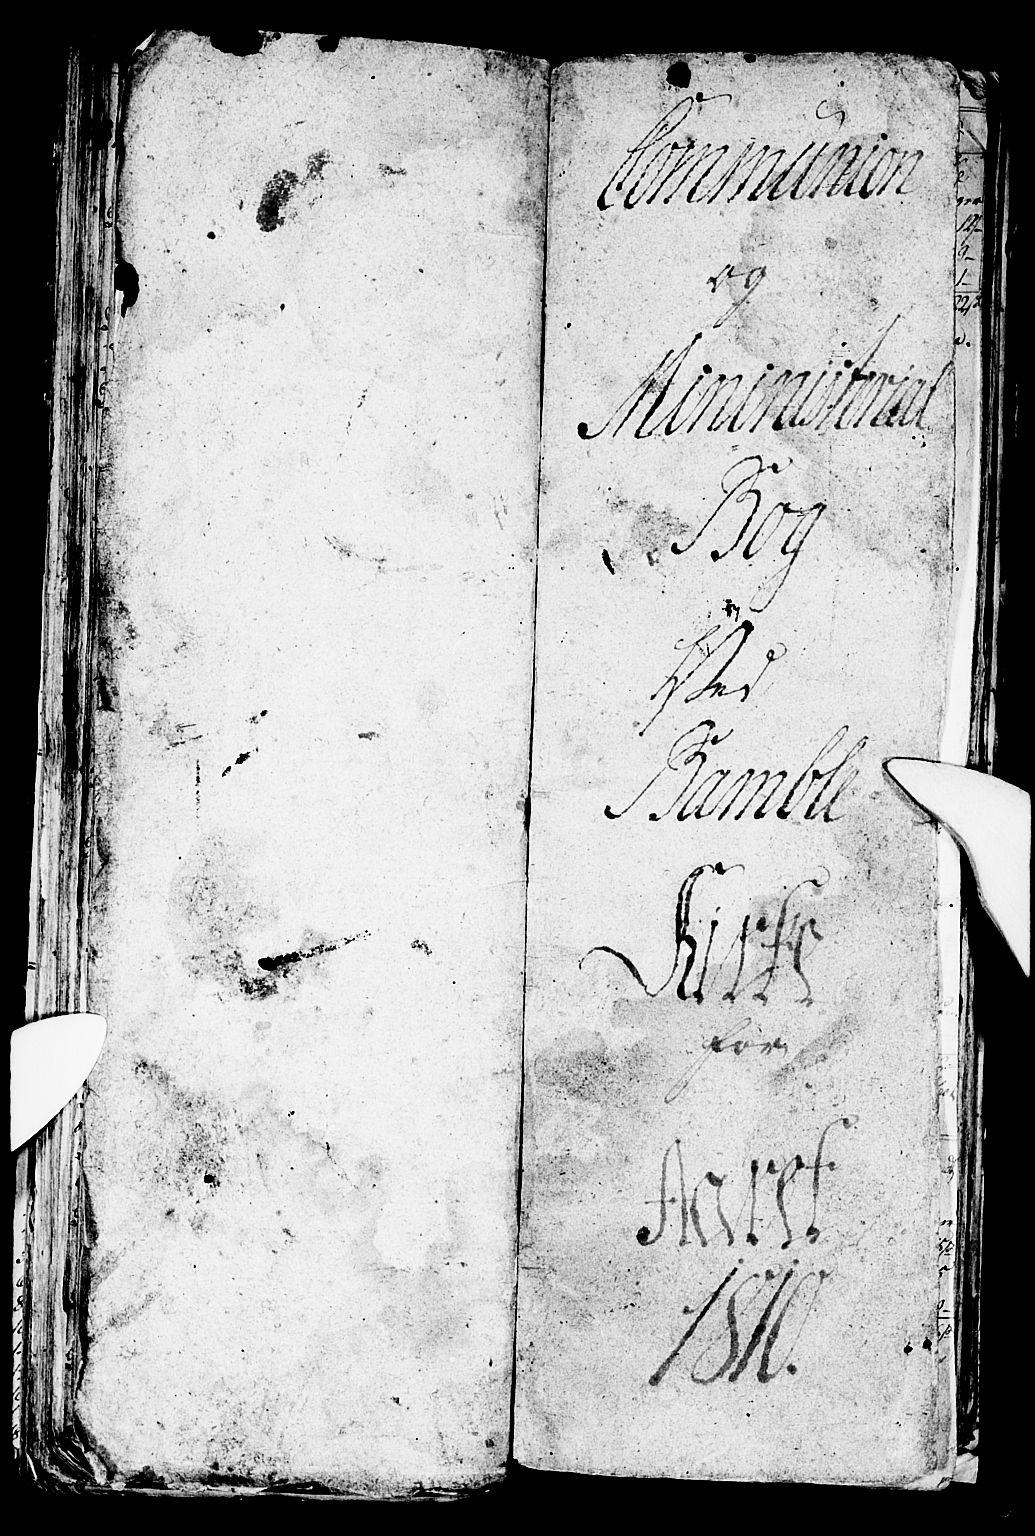 SAKO, Bamble kirkebøker, G/Ga/L0004: Klokkerbok nr. I 4, 1808-1814